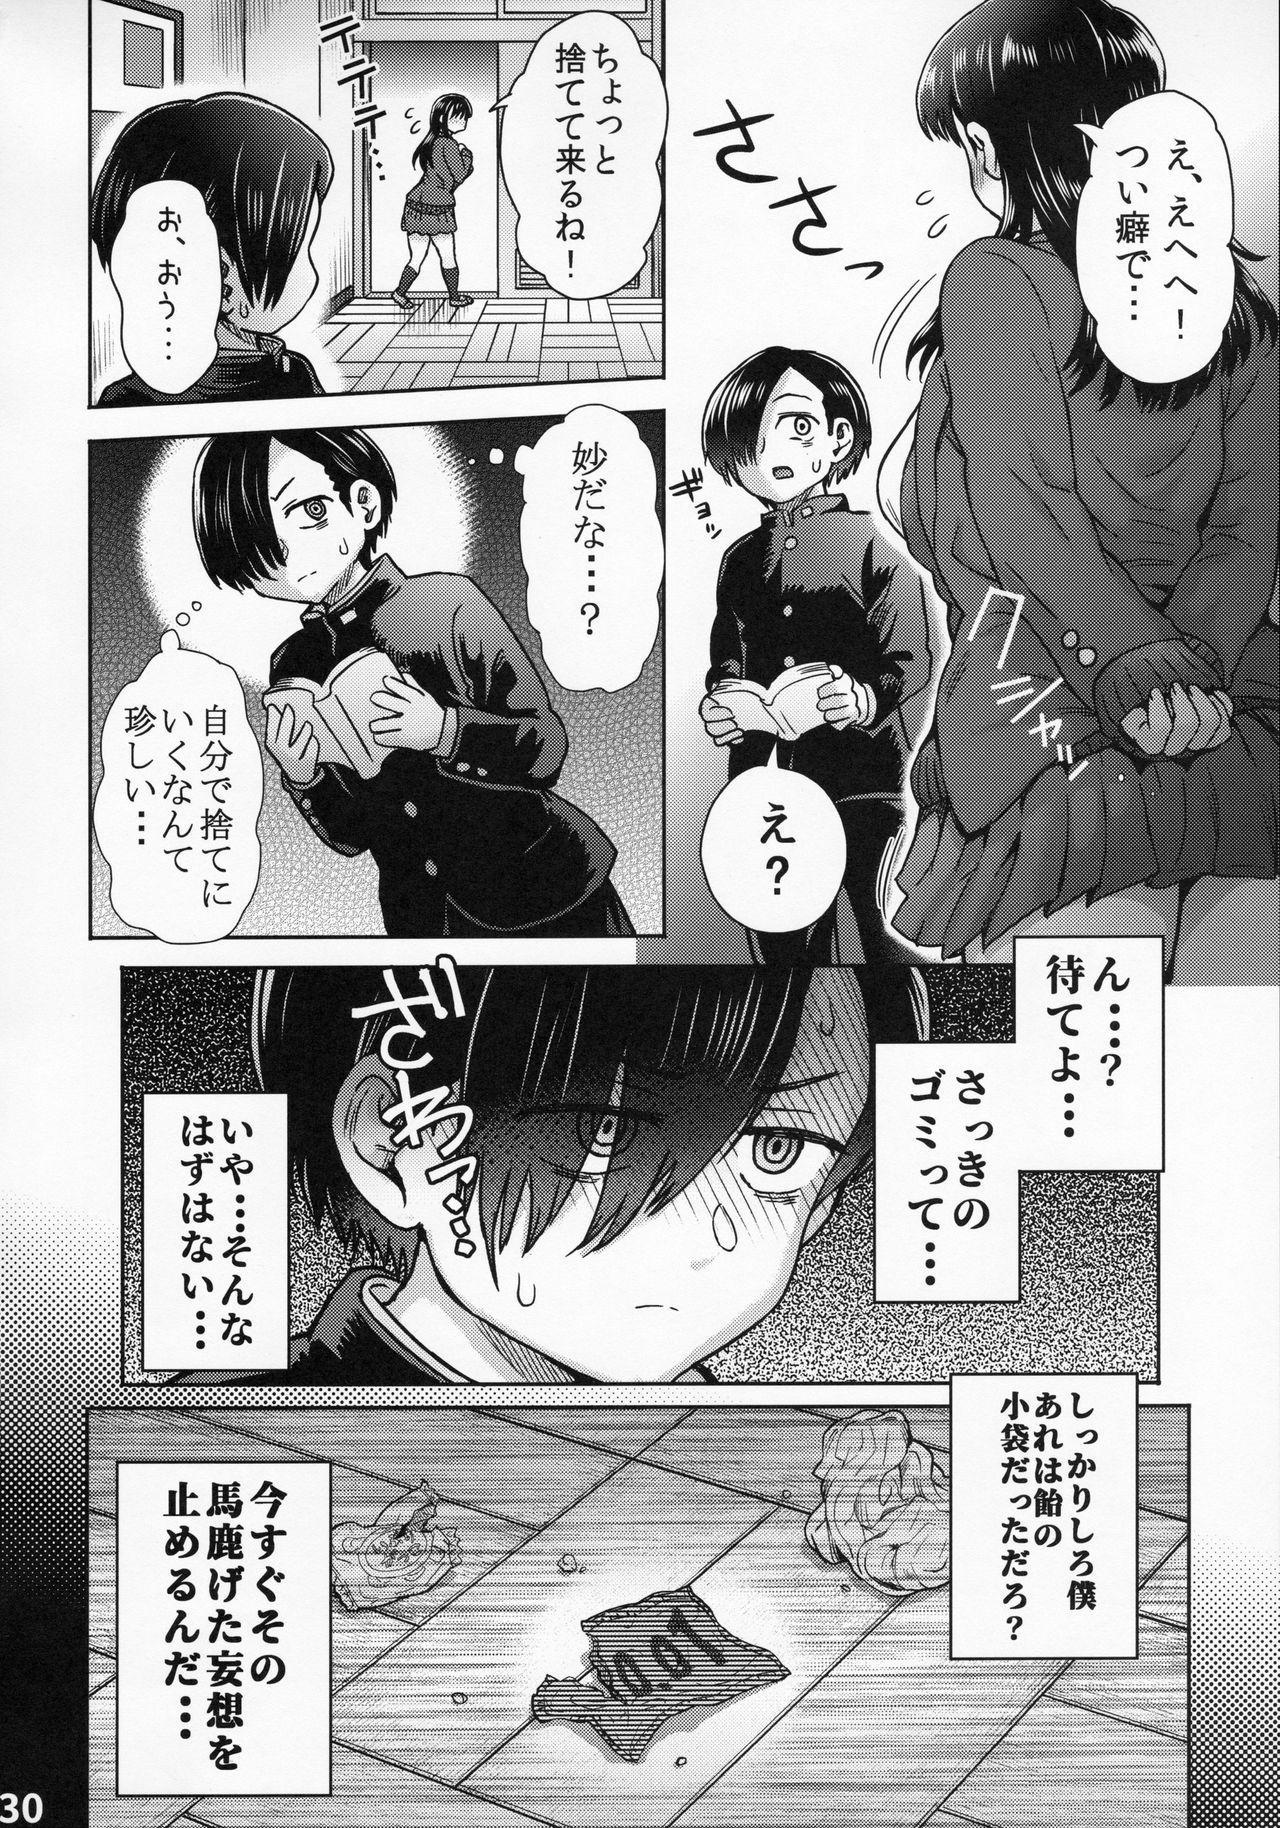 [Eight Beat (Itou Eight)] Boku no Kokoro no NTR (Yabai) Mousou (Boku no Kokoro no Yabai Yatsu) 30